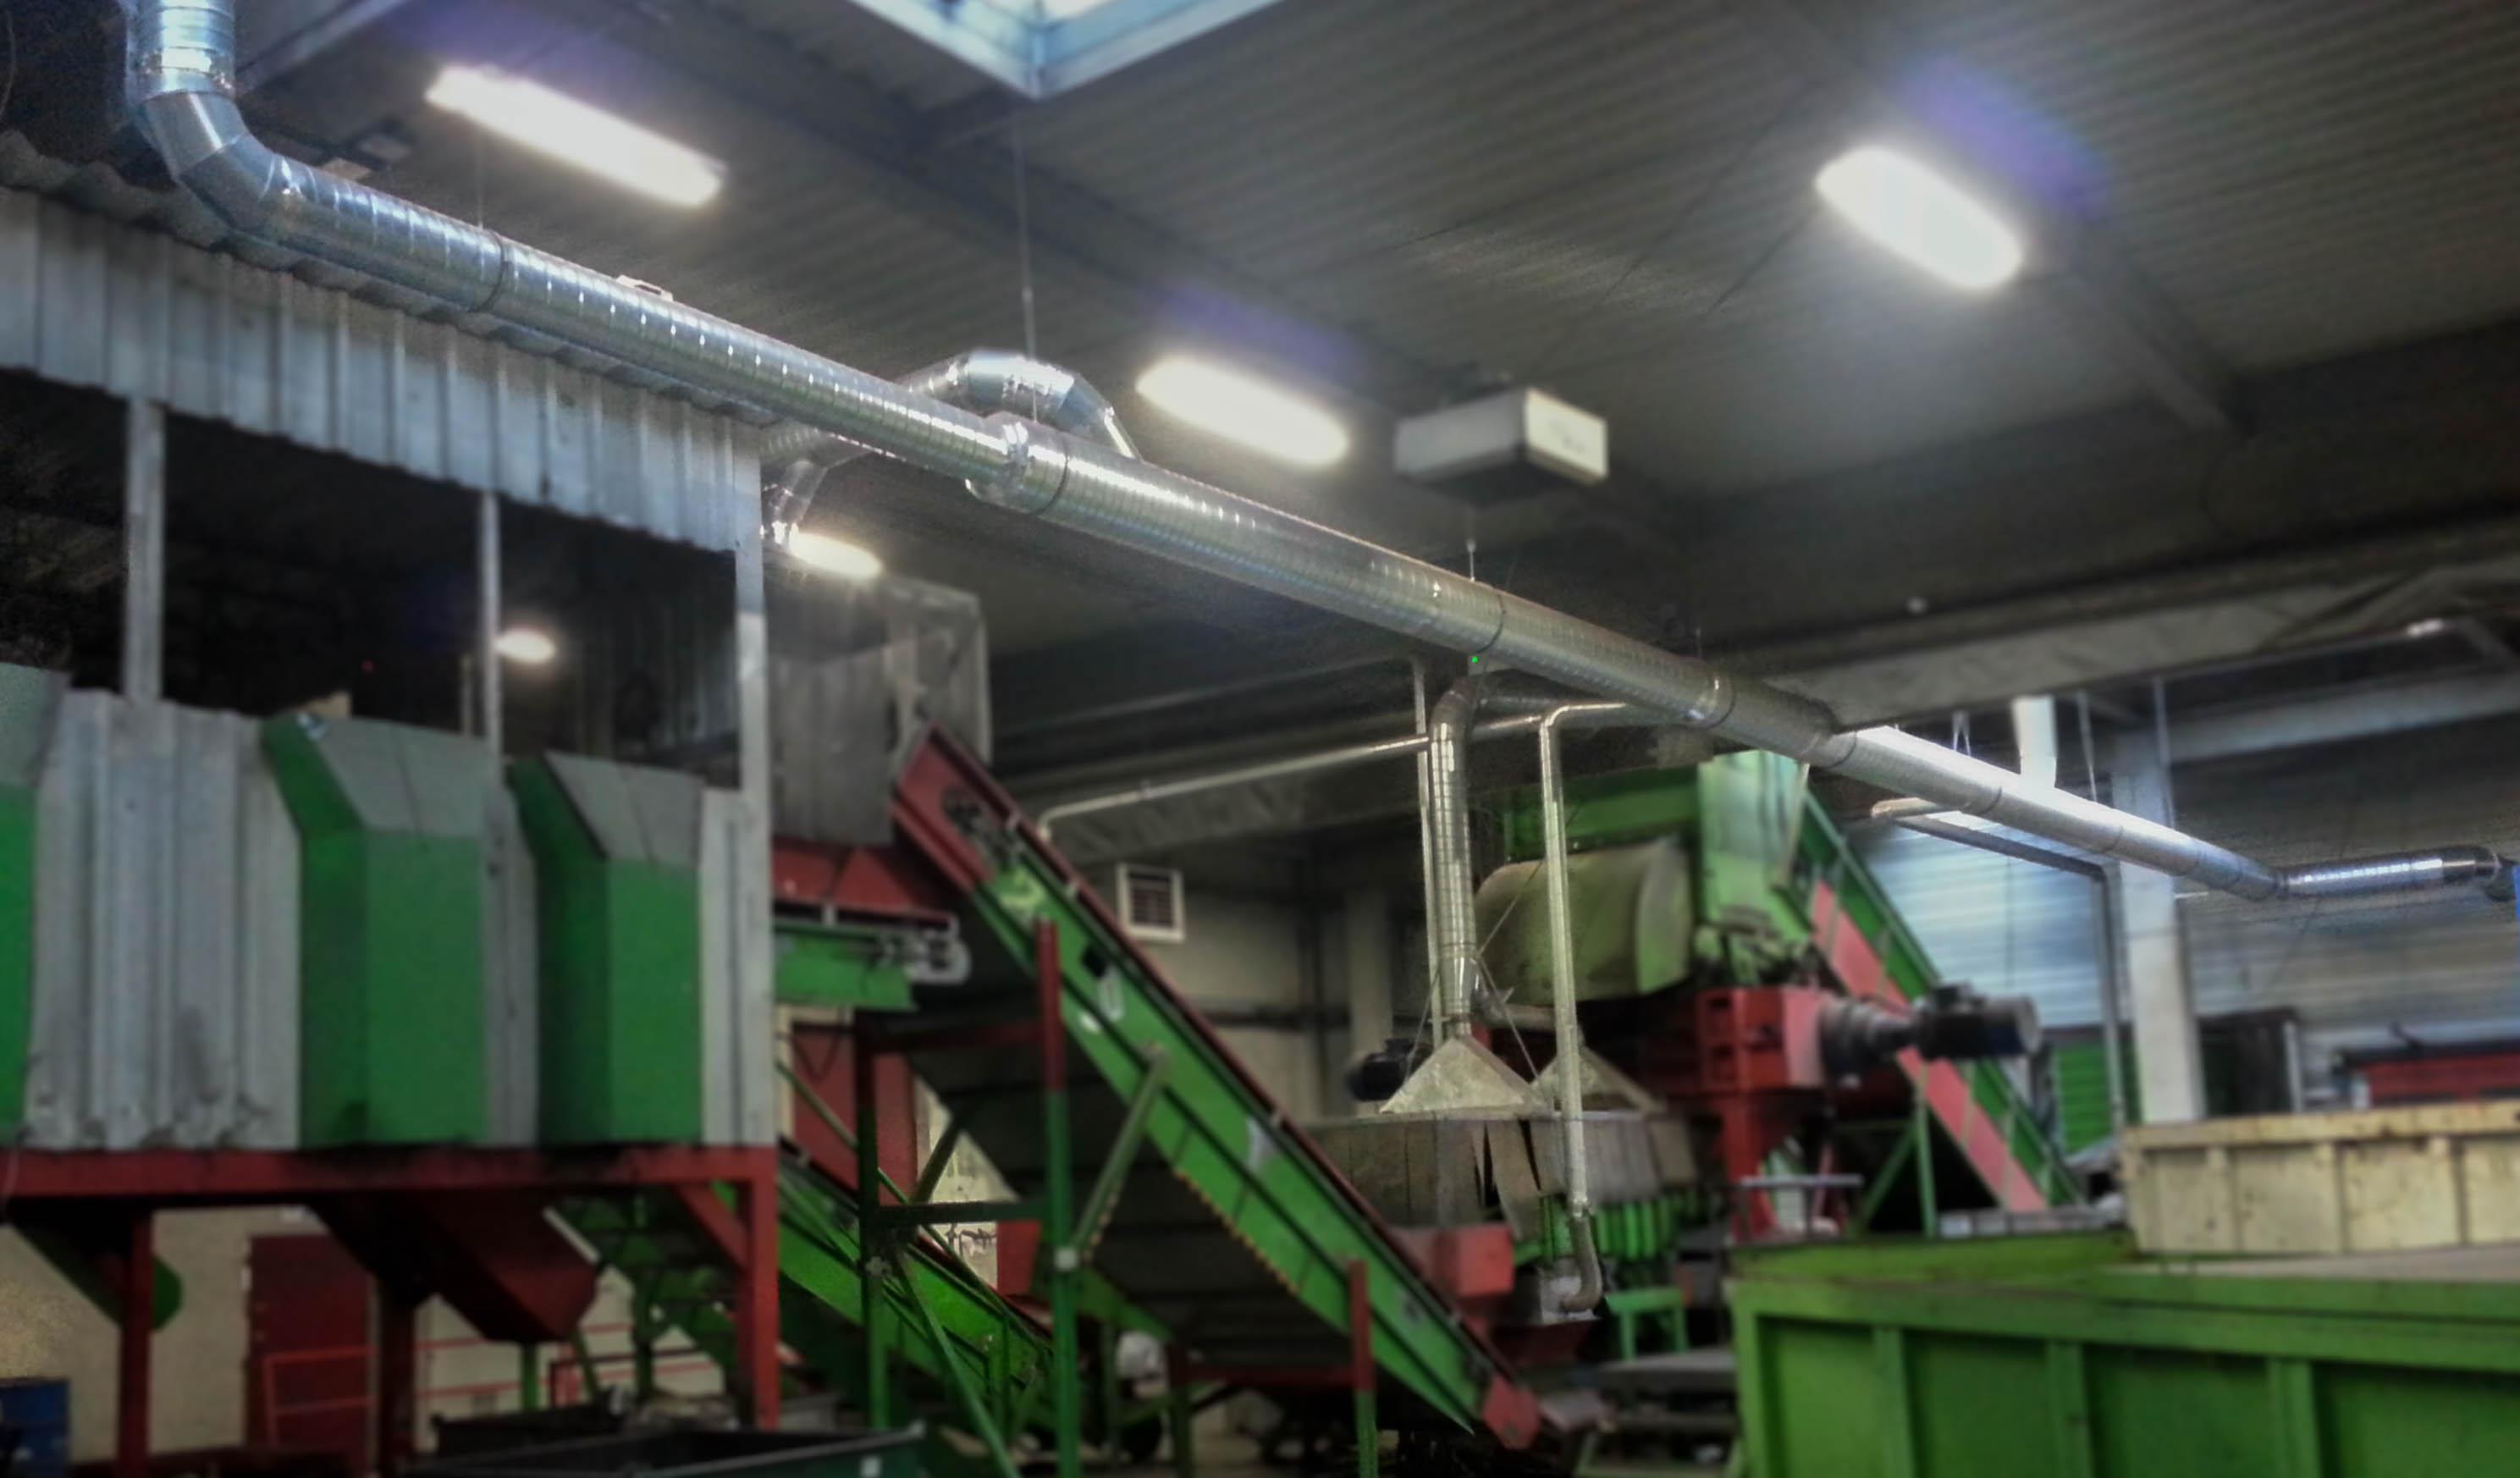 Dépoussiérage sur une ligne d'un centre de tri de déchets. Réseau en gaine spiralée et capotage en acier galvanisé.